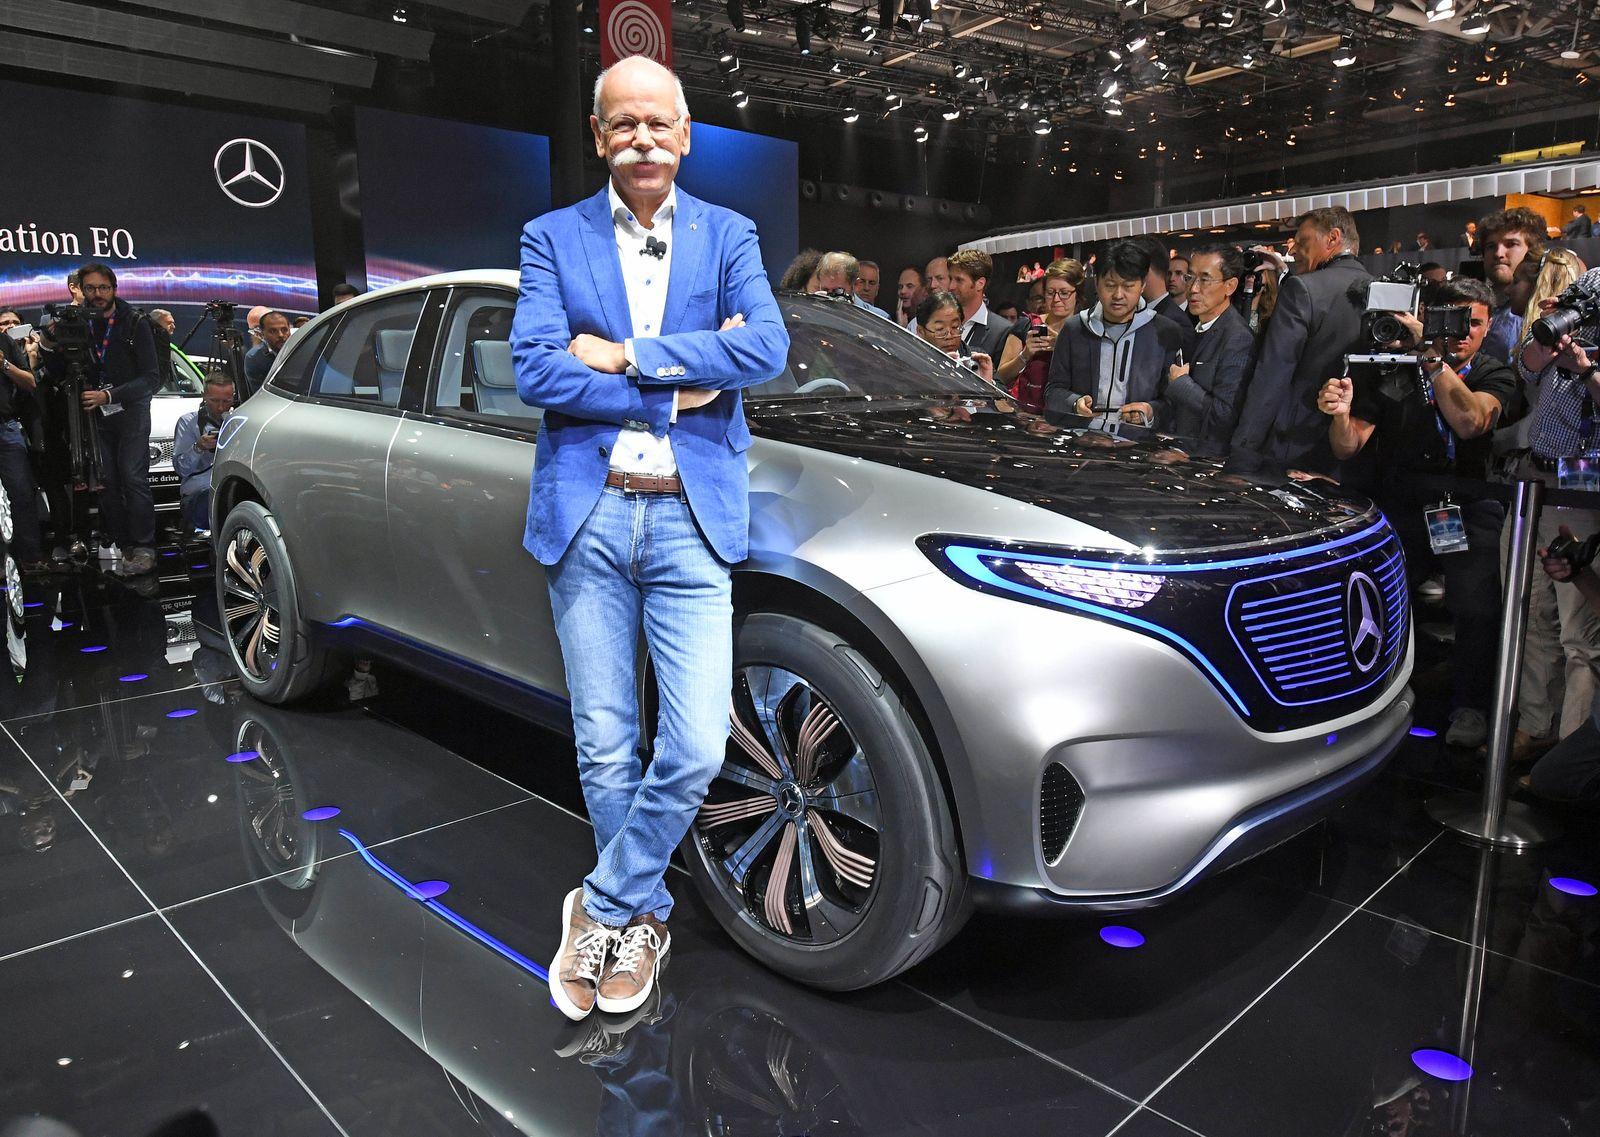 Daimler / Dieter Zetsche / EQ